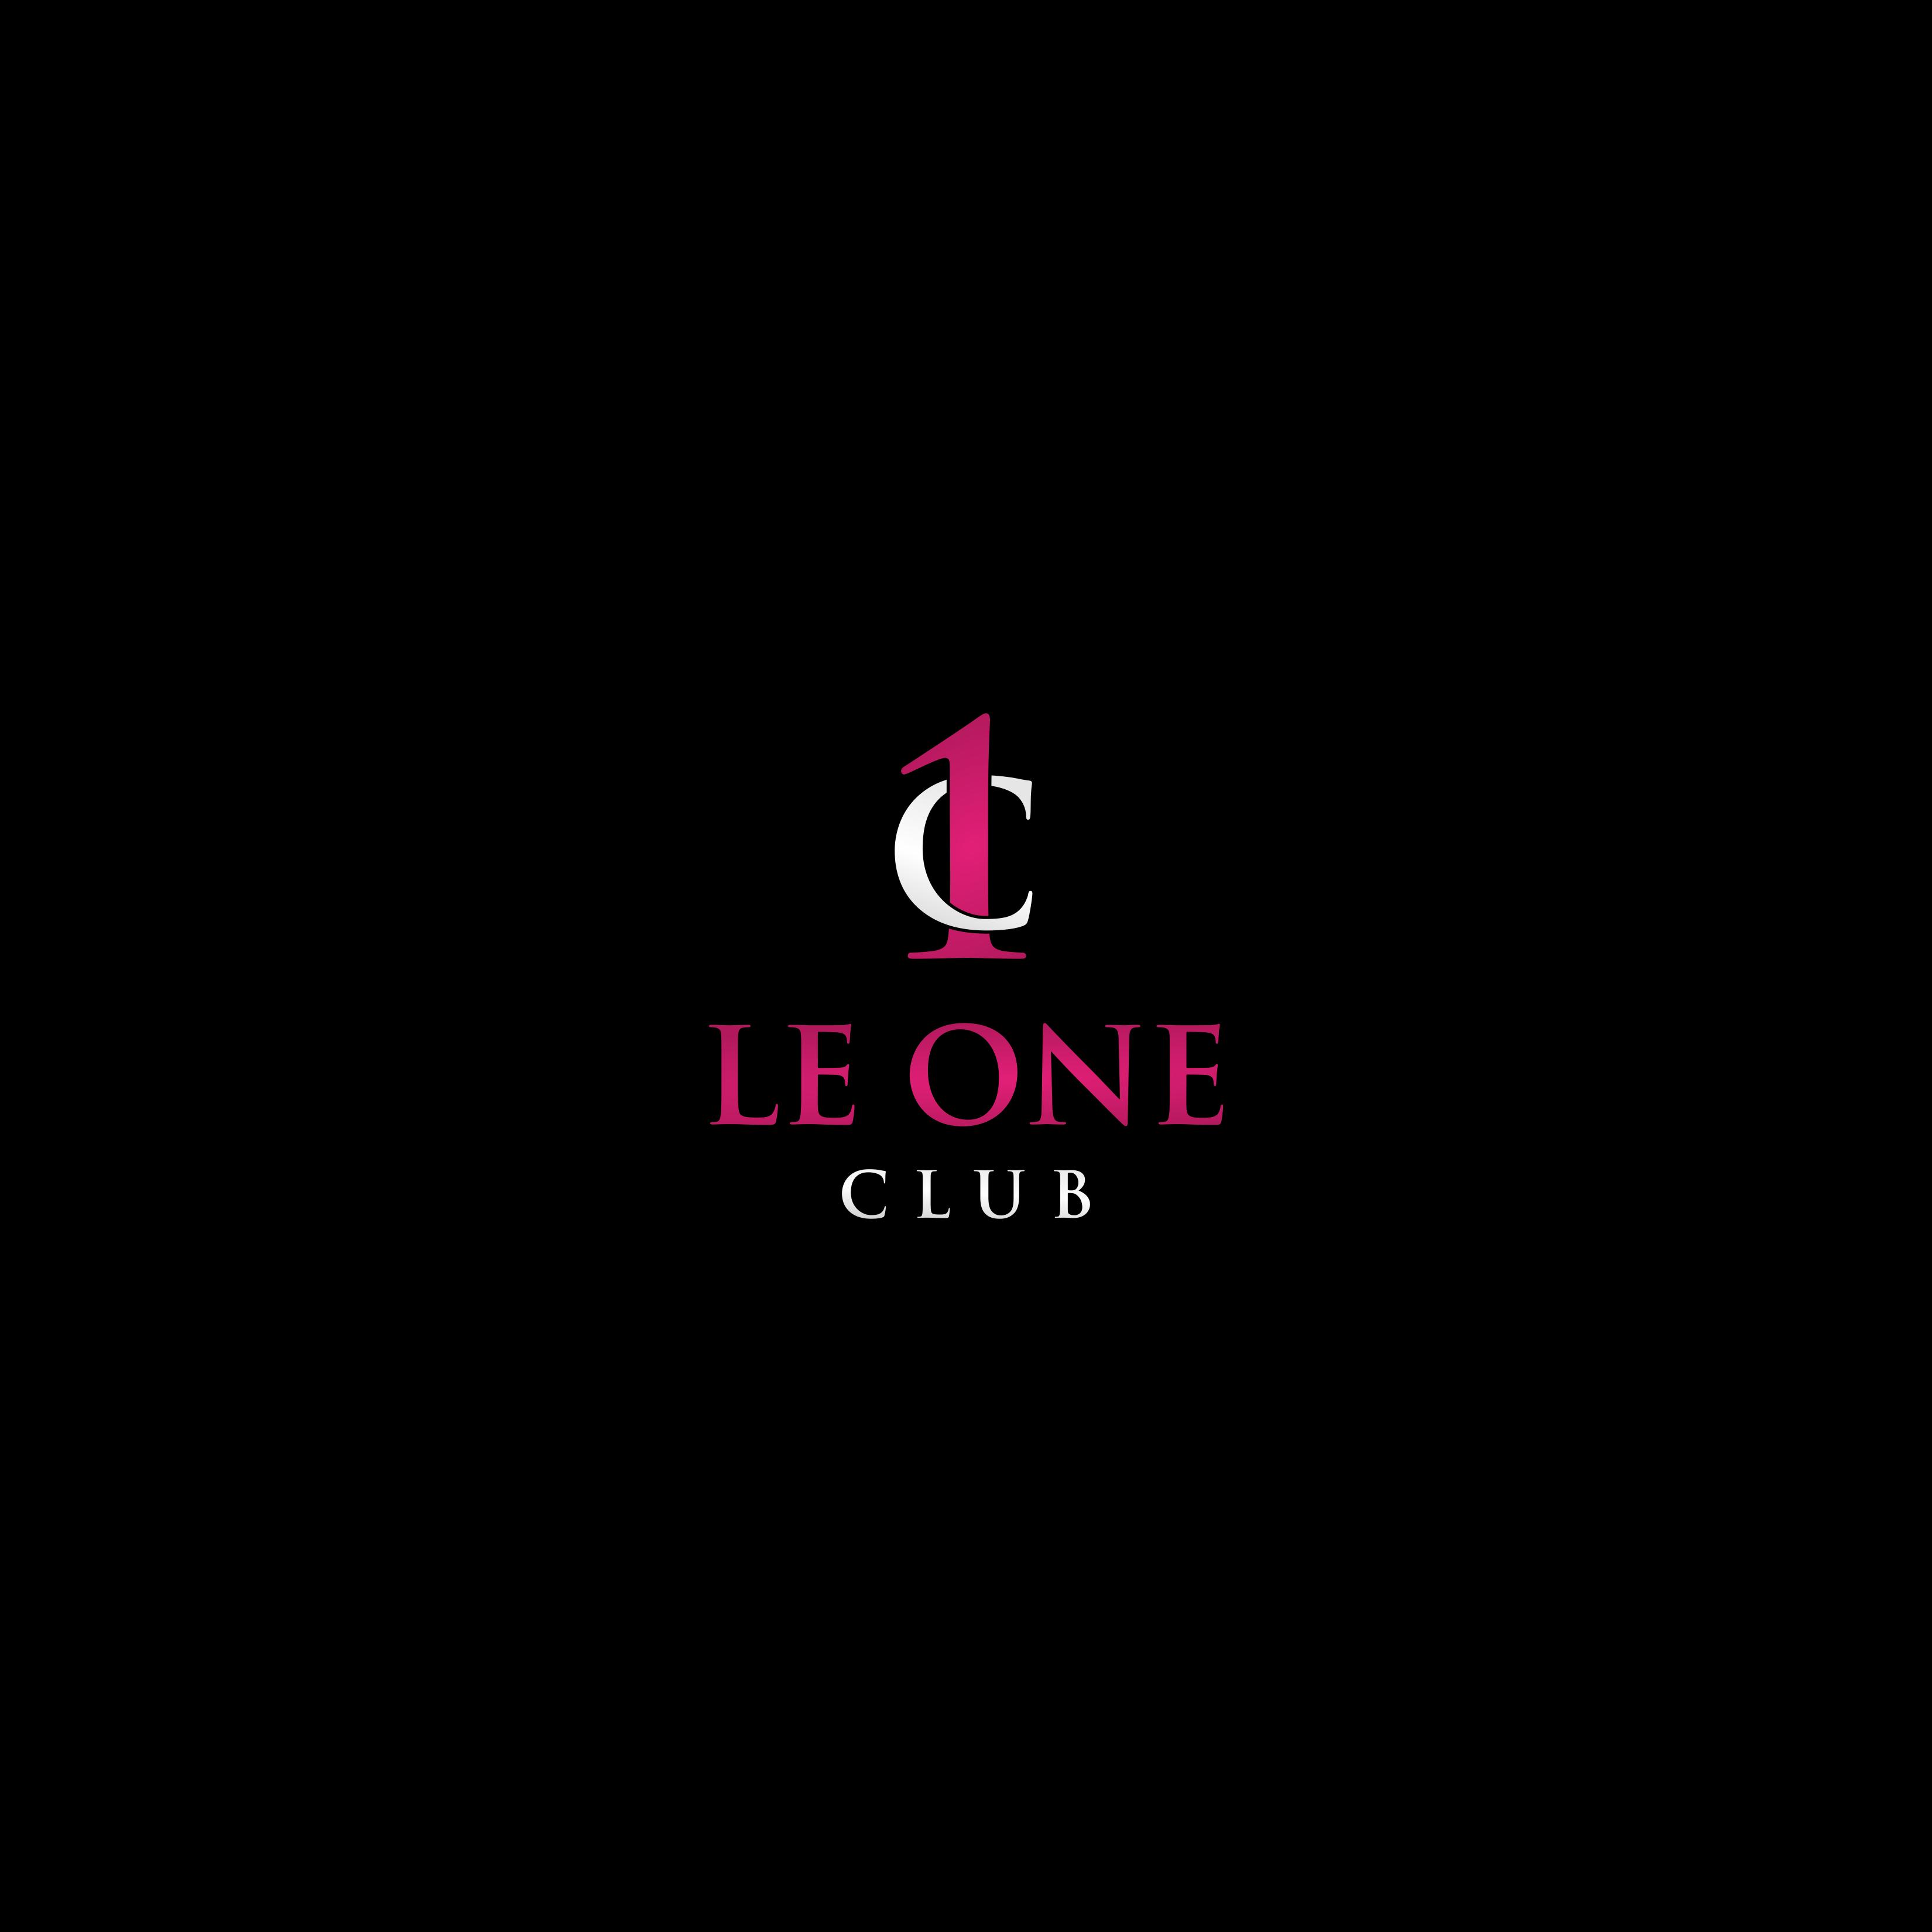 Le one club